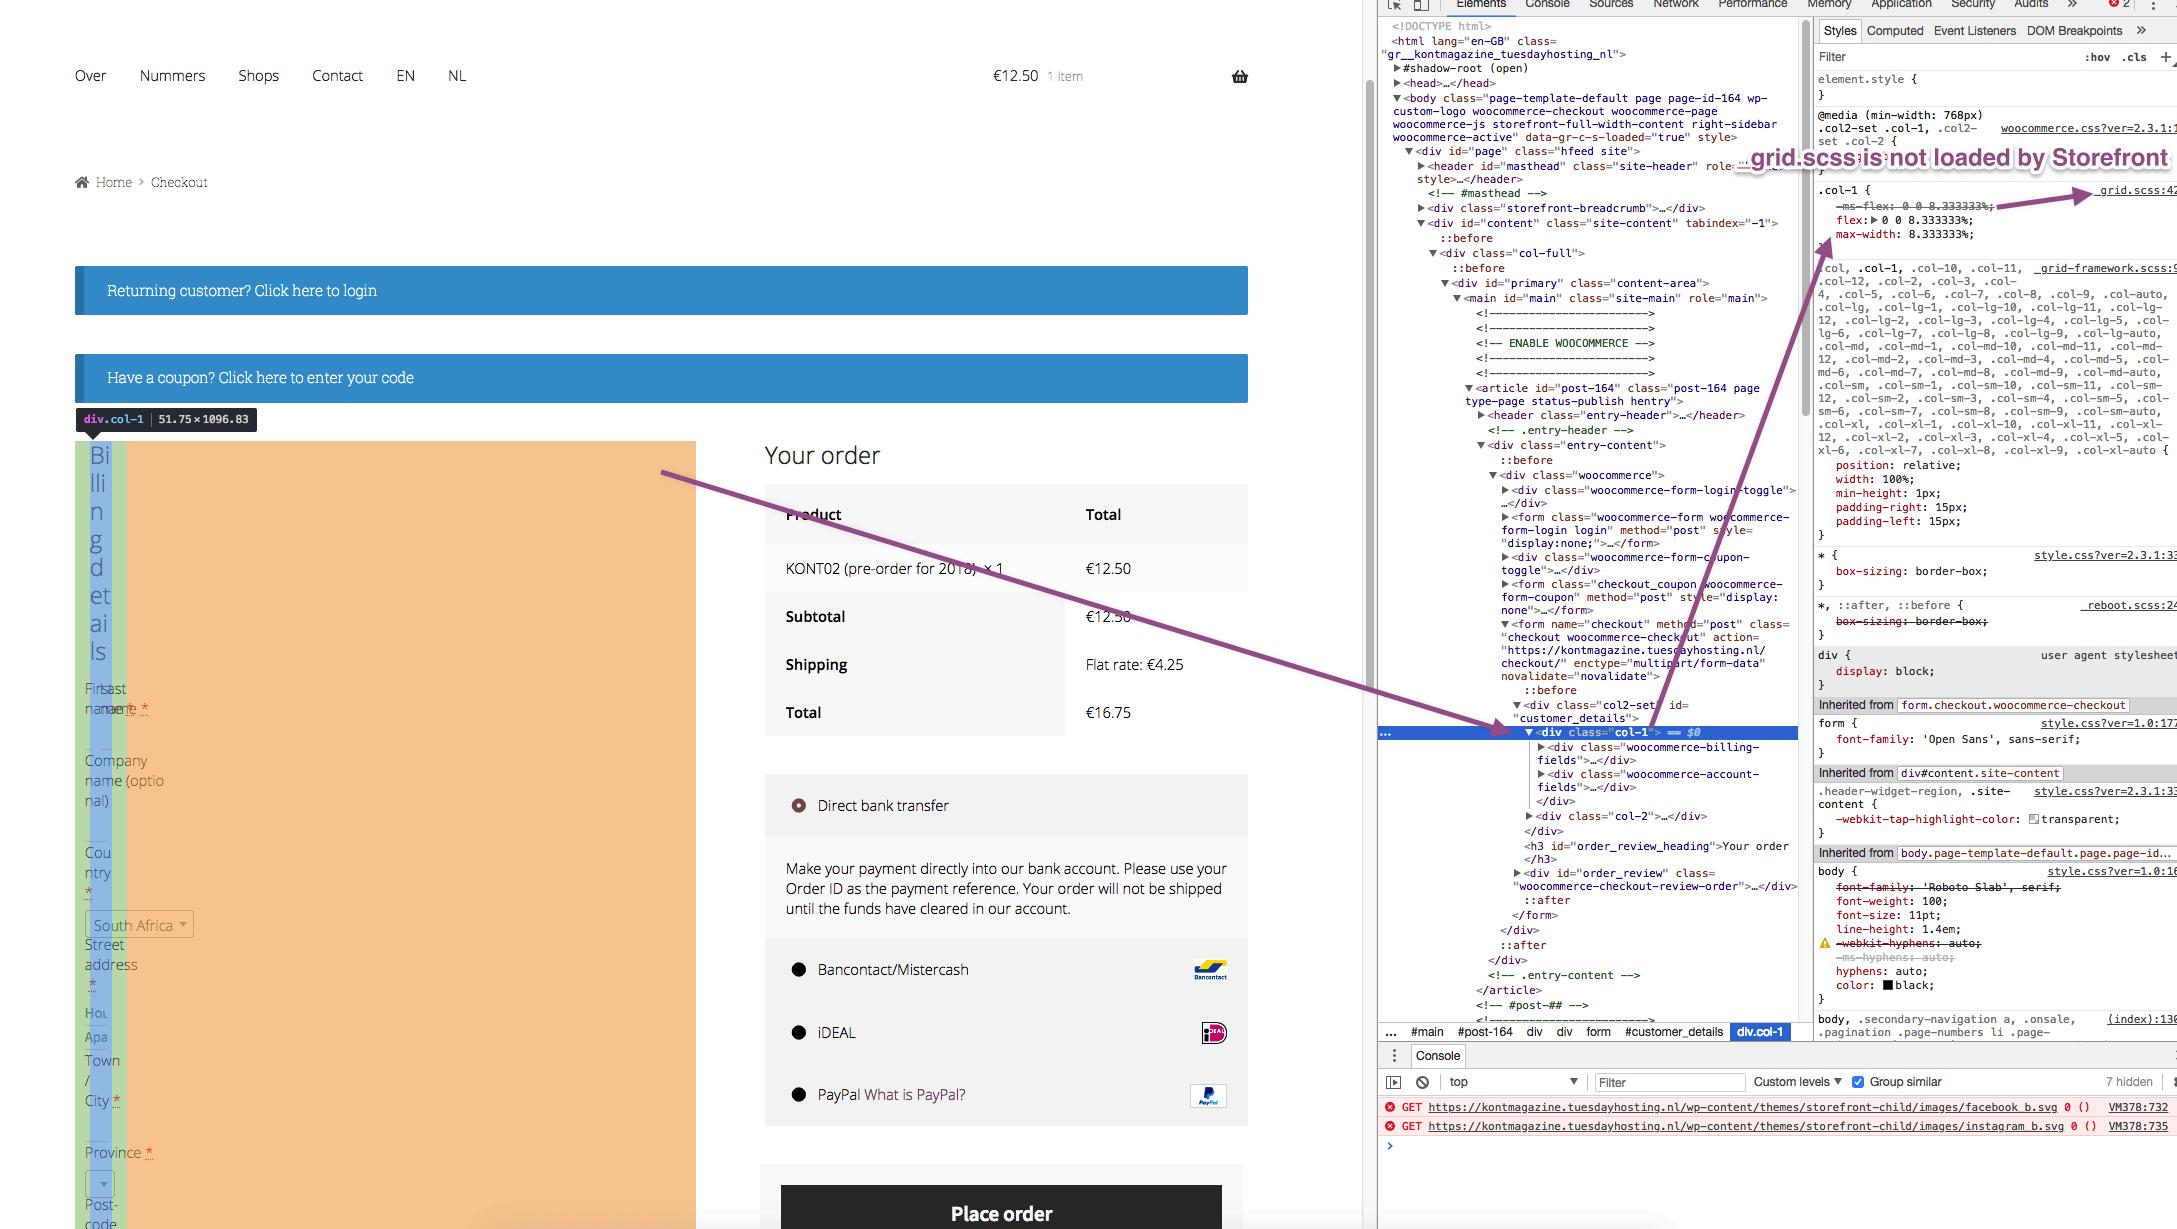 plugin/theme conflict